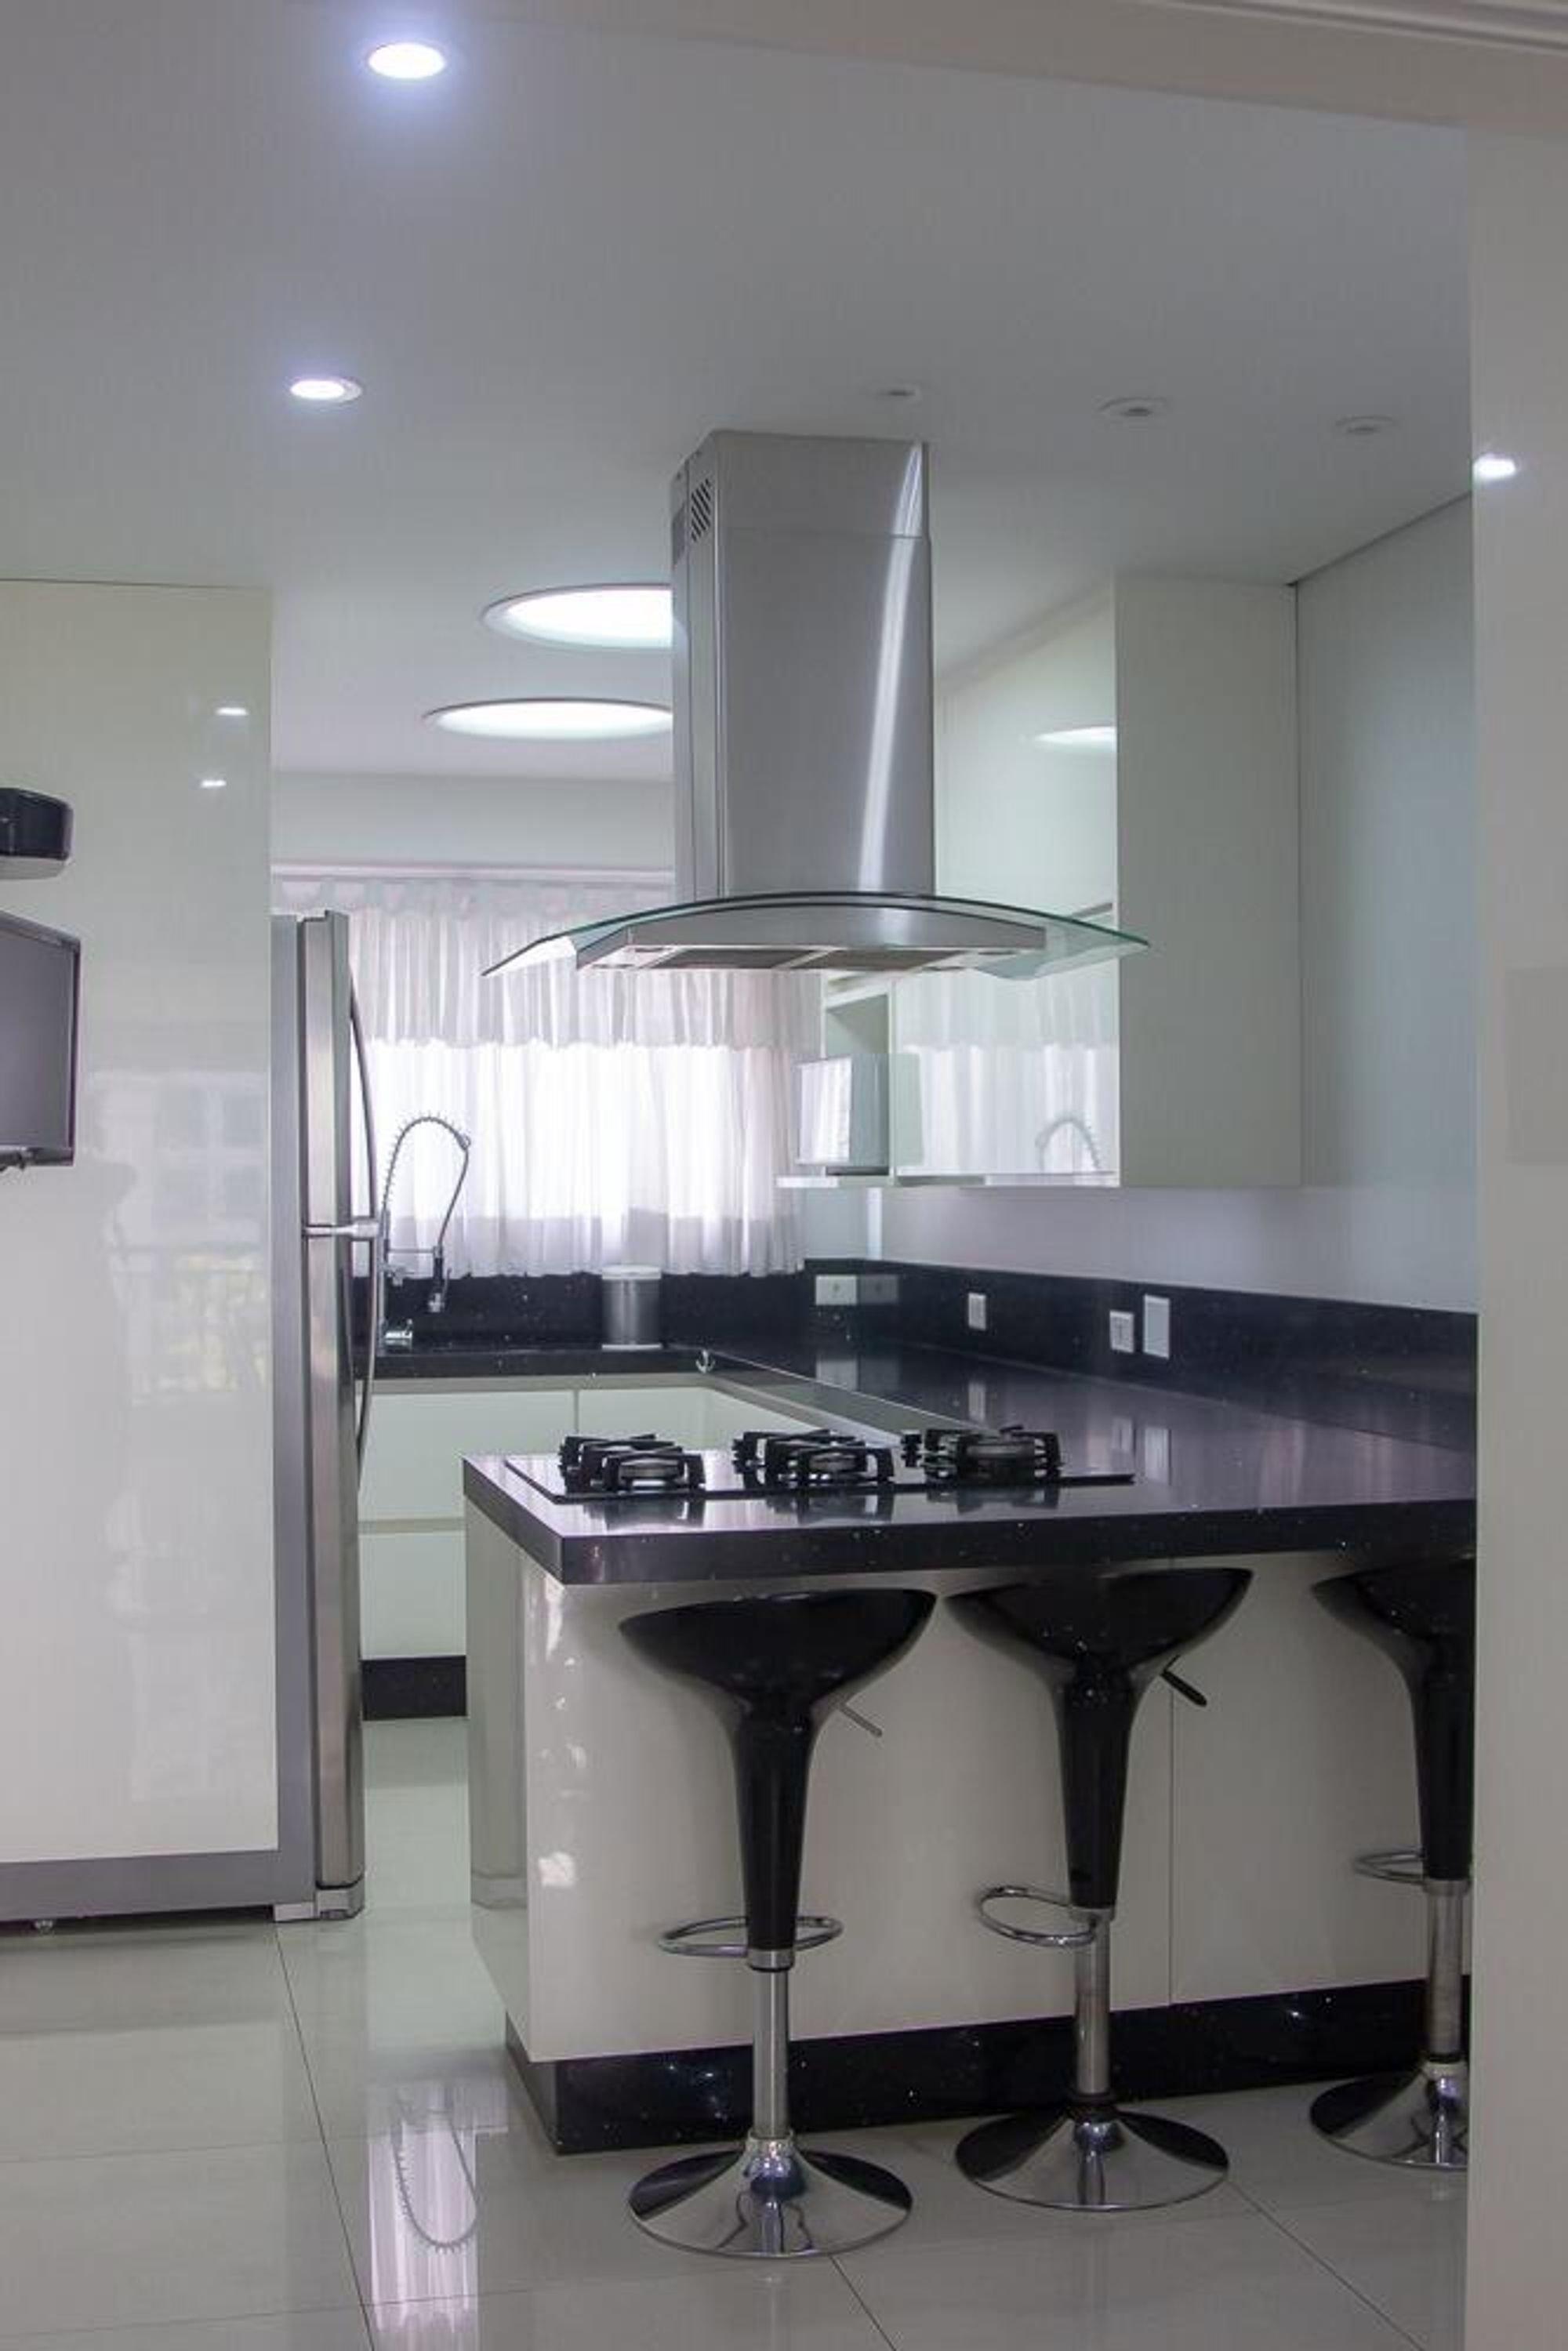 Foto de Cozinha com geladeira, cadeira